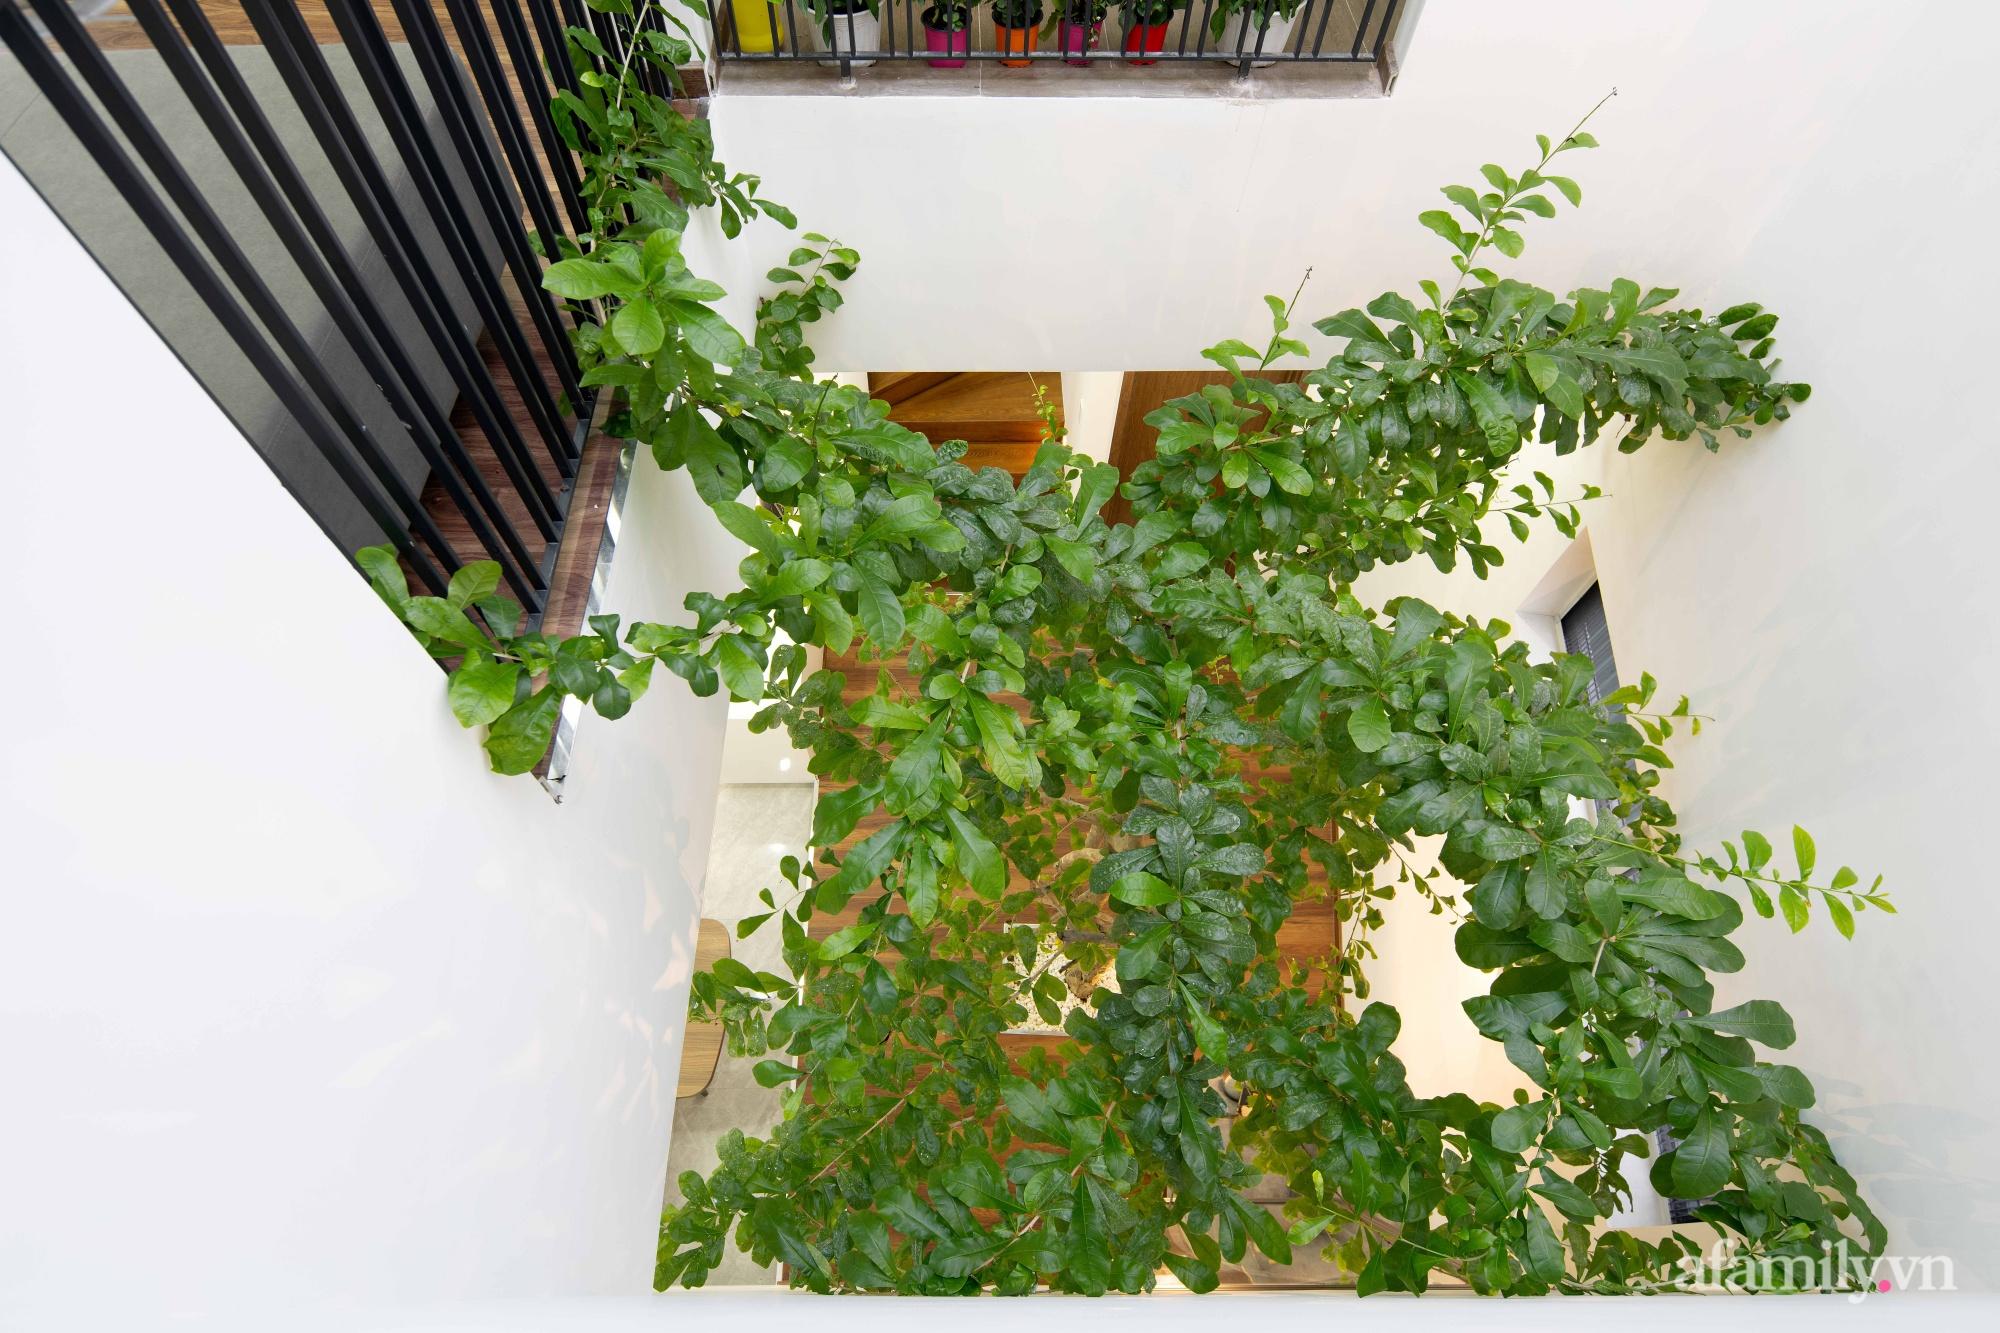 Nhà trong hẻm nhỏ vẫn ngập tràn ánh sáng, duyên dáng với nội thất tối giản ở Đà Nẵng - Ảnh 11.